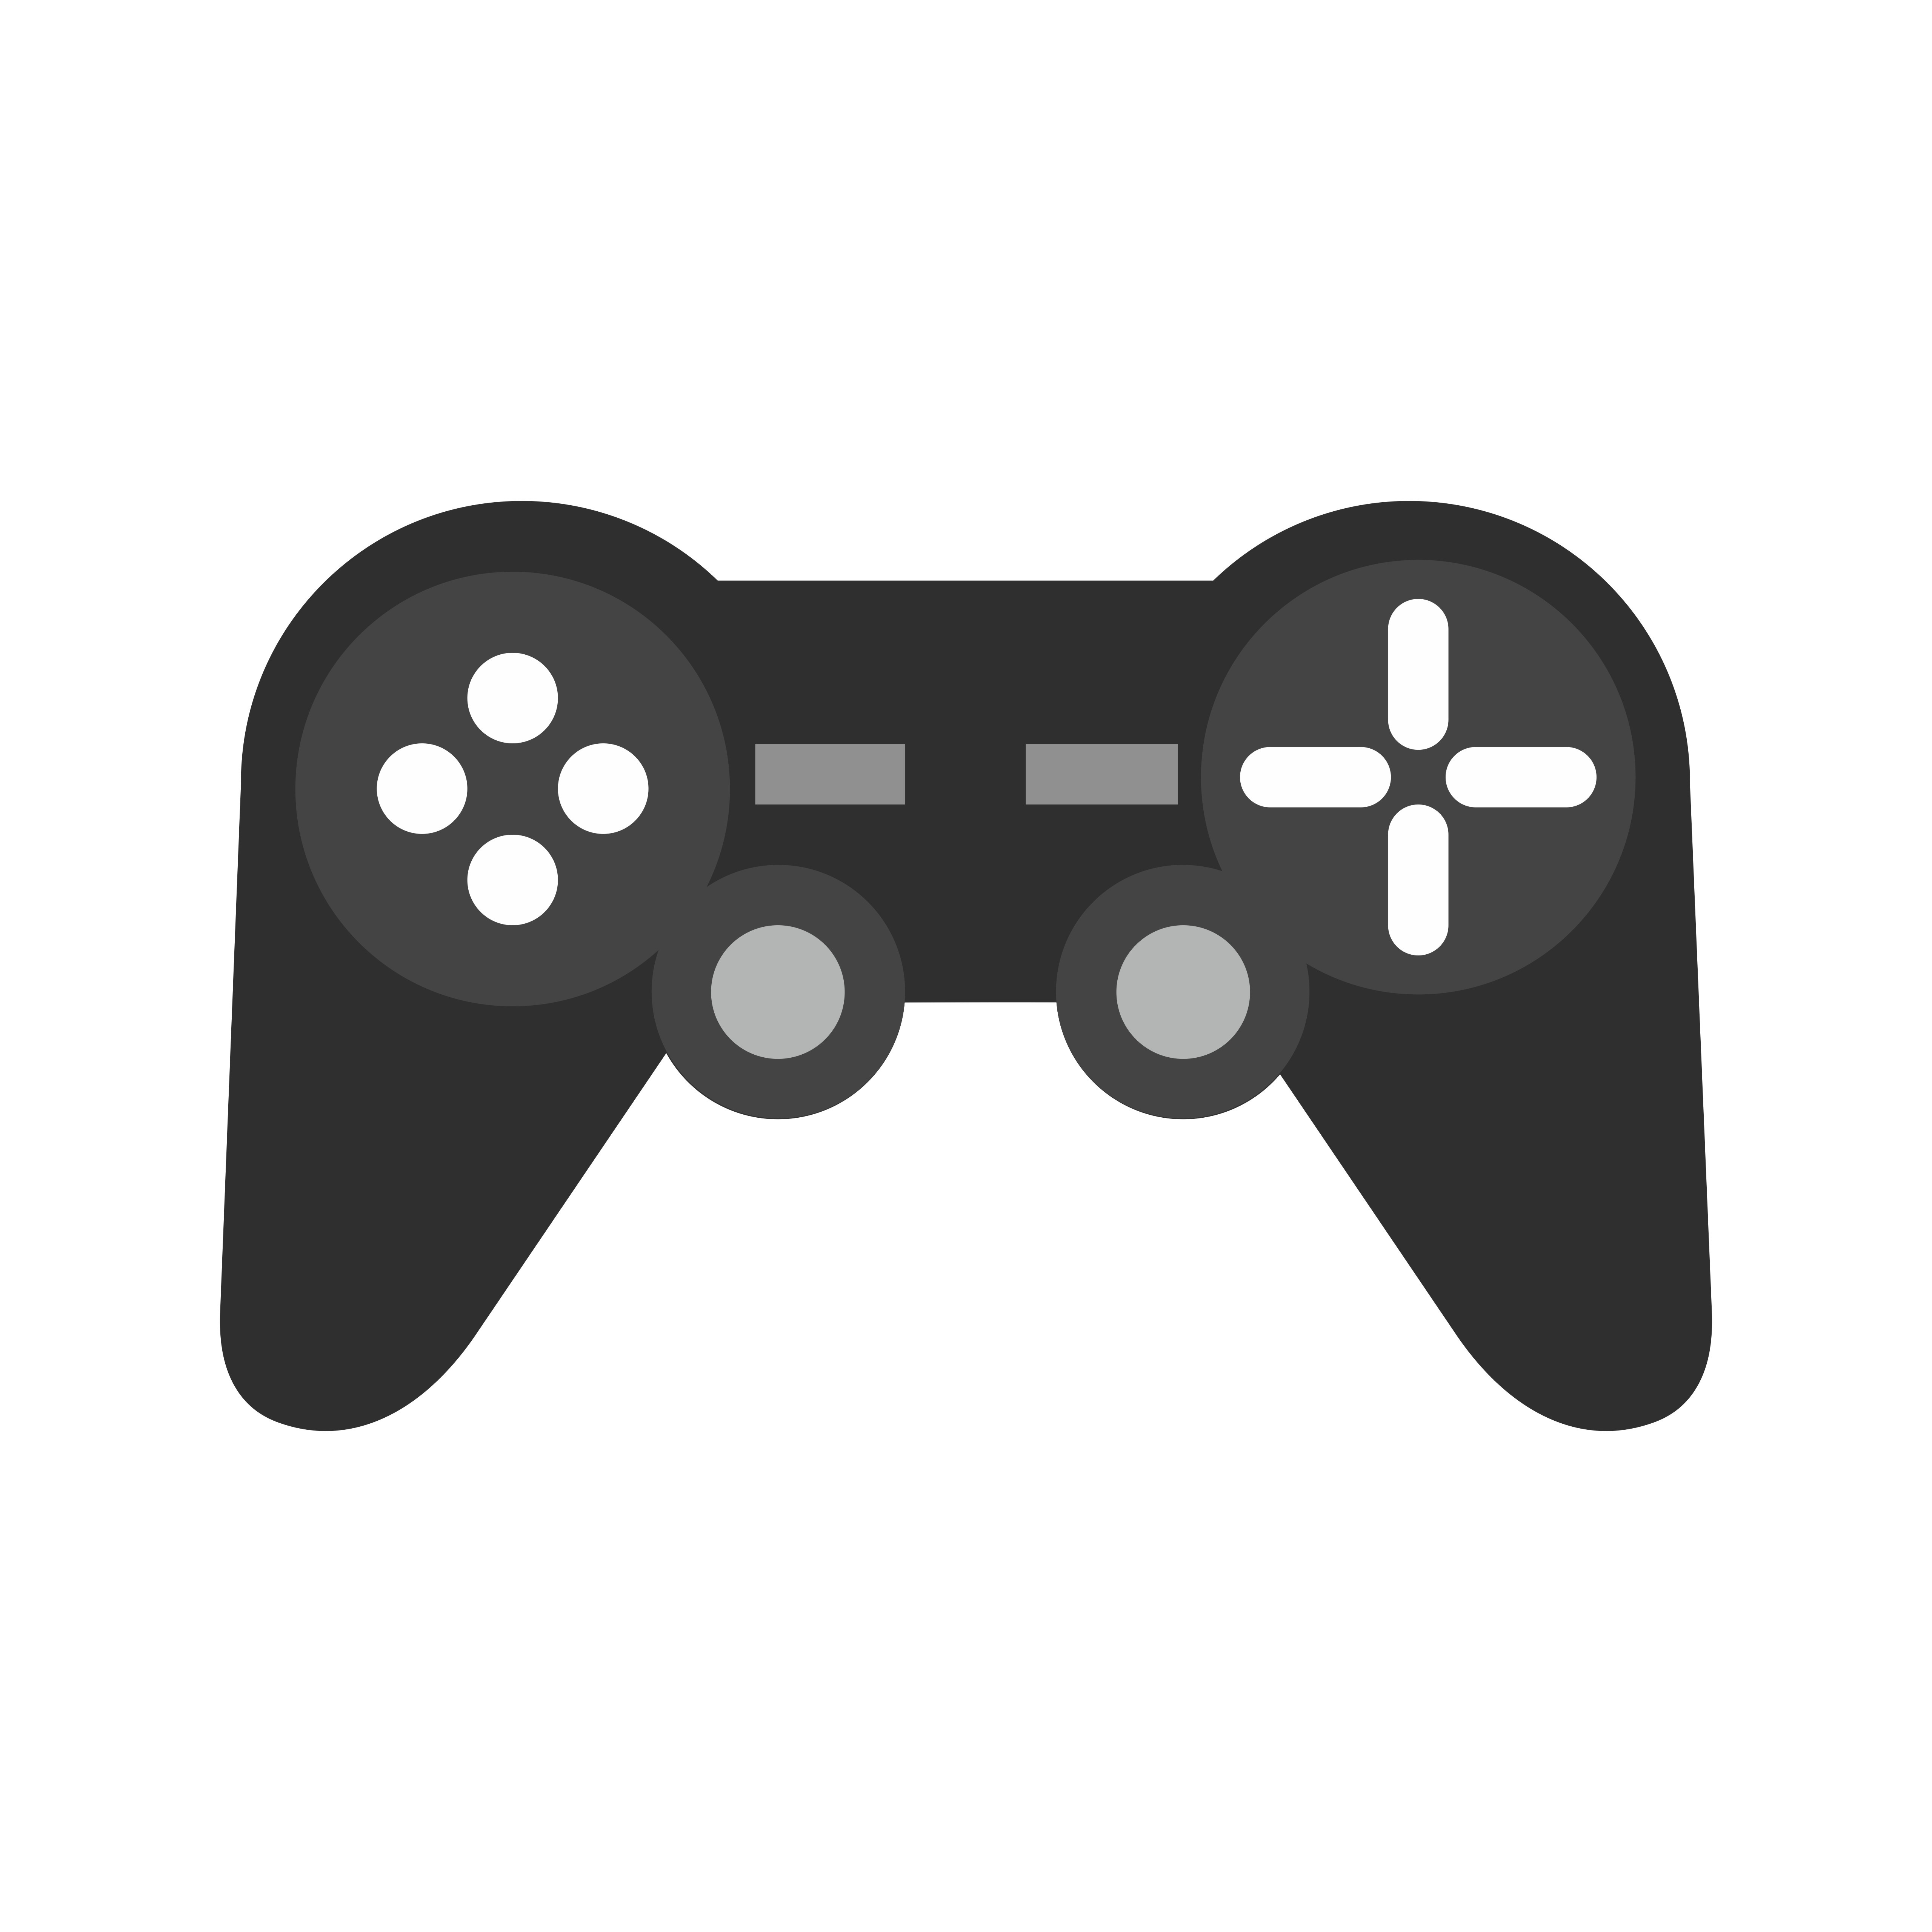 Crédit : jeux vidéos par Shutterstock